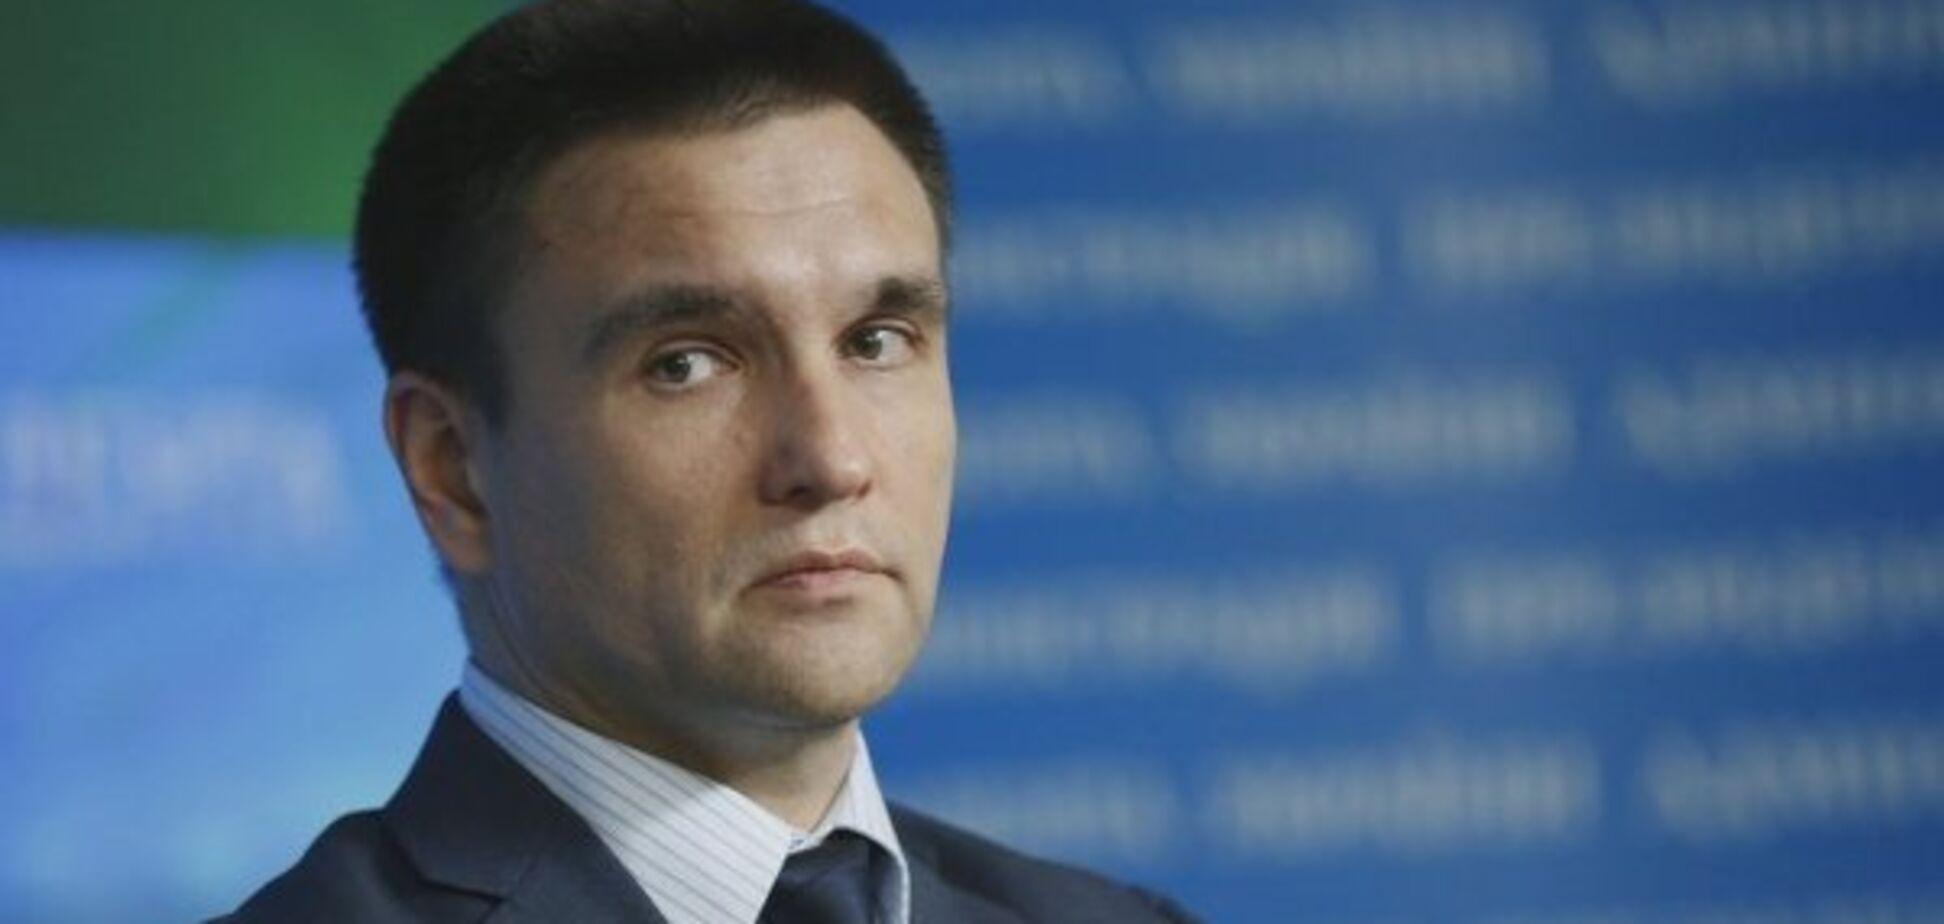 ''Імідж Росії буде нижче плінтуса'': Клімкін відреагував на рішення Сенцова